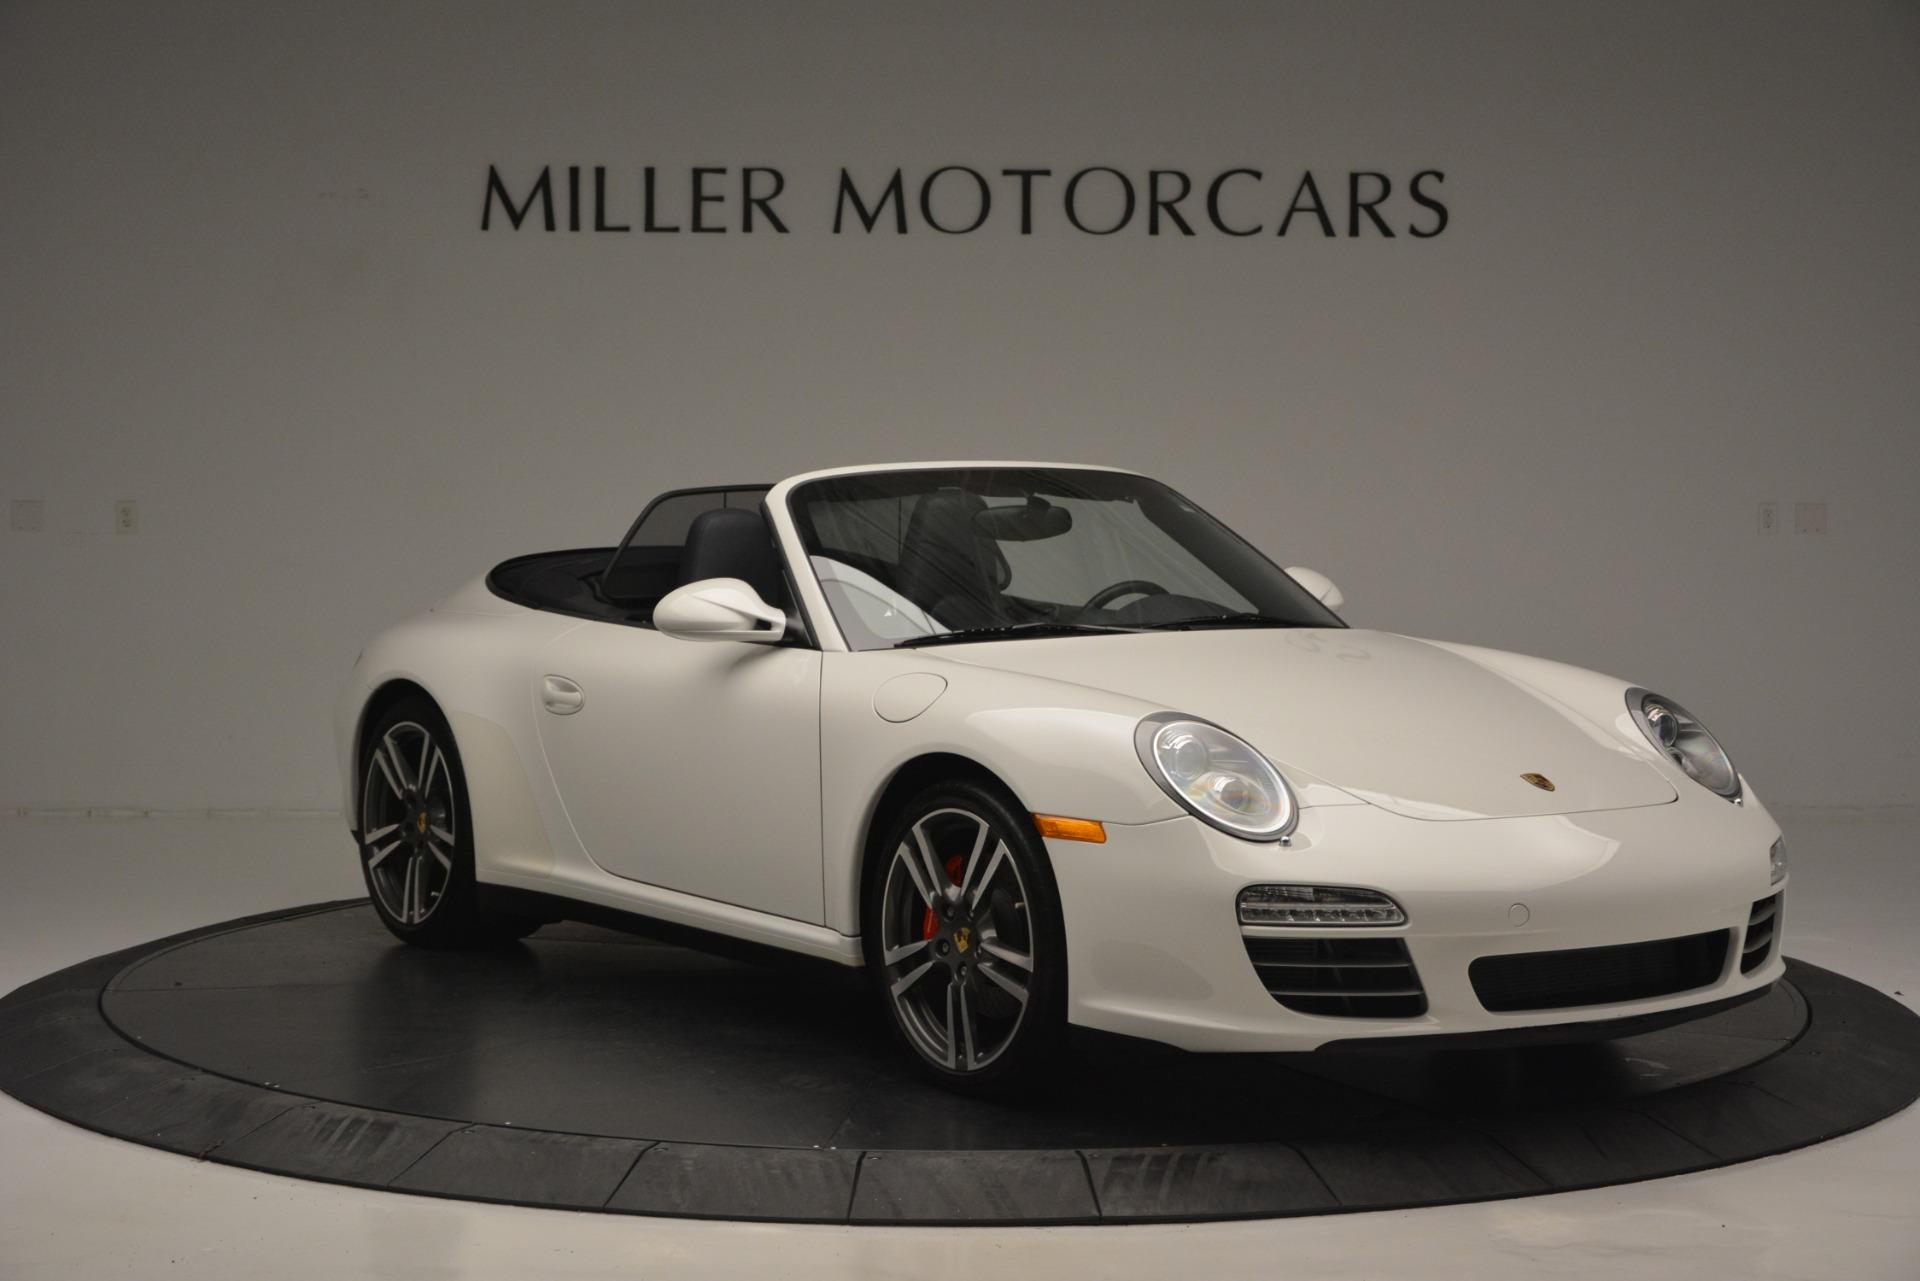 Used 2011 Porsche 911 Carrera 4S For Sale In Greenwich, CT 2600_p12